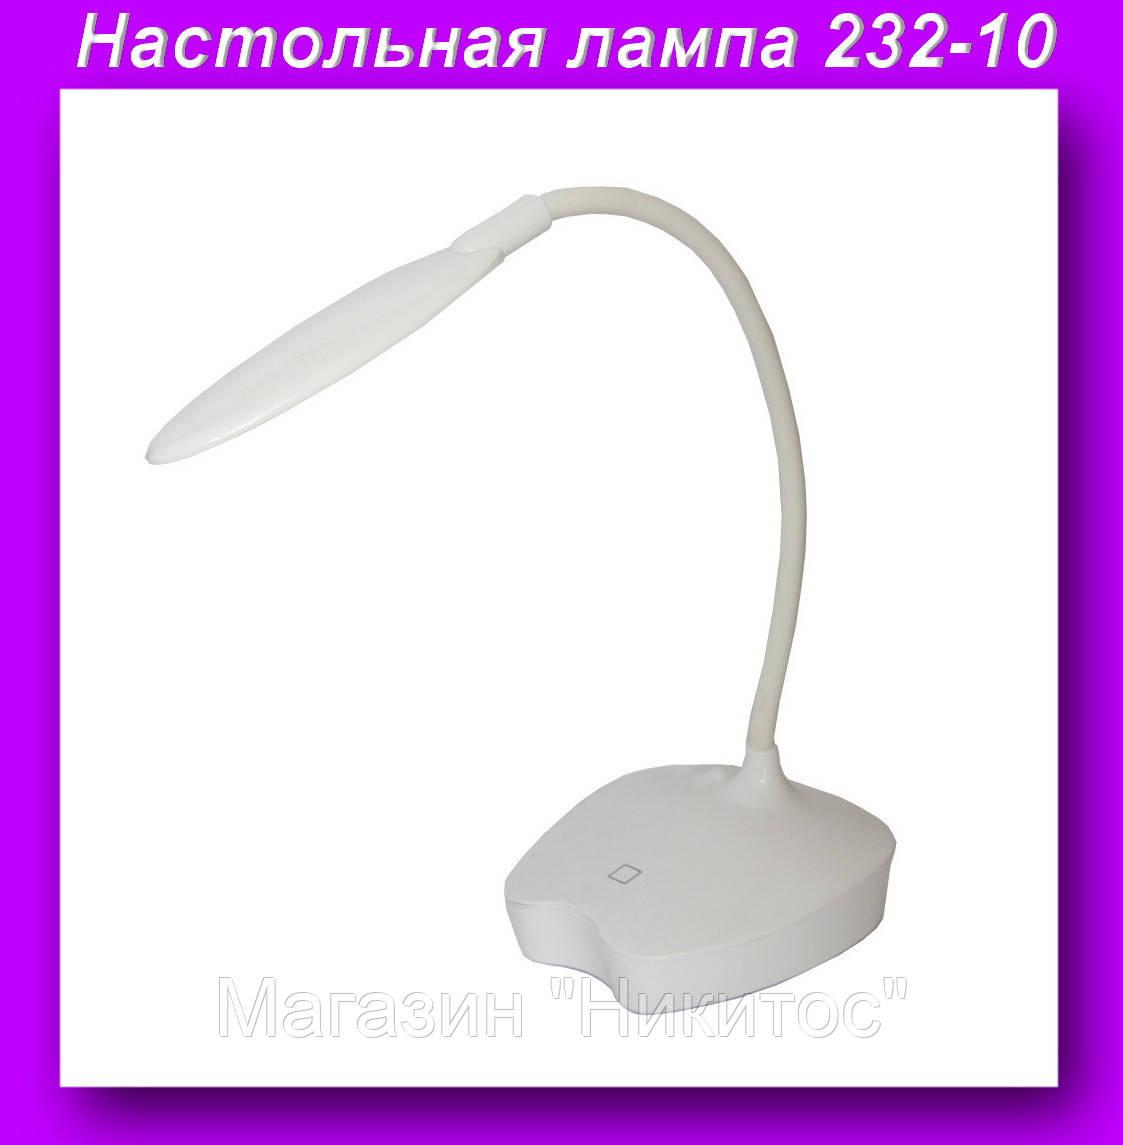 """Настольная лампа 232-10,Сенсорная лампа настольная,Светодиодная лампа - Магазин """"Никитос"""" в Одессе"""